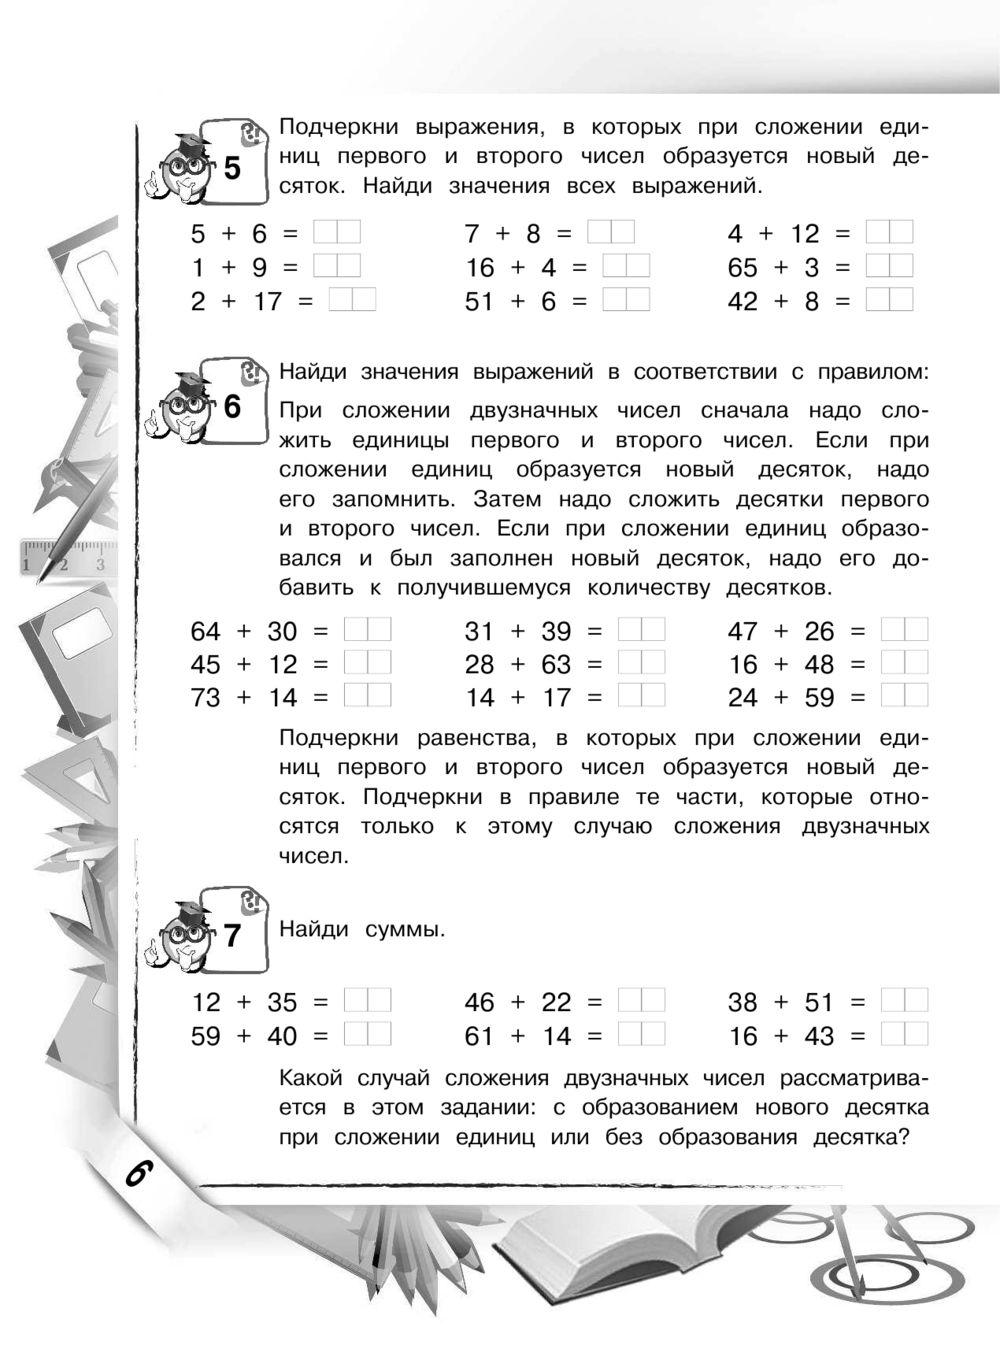 Задания по математике 3 класс занков